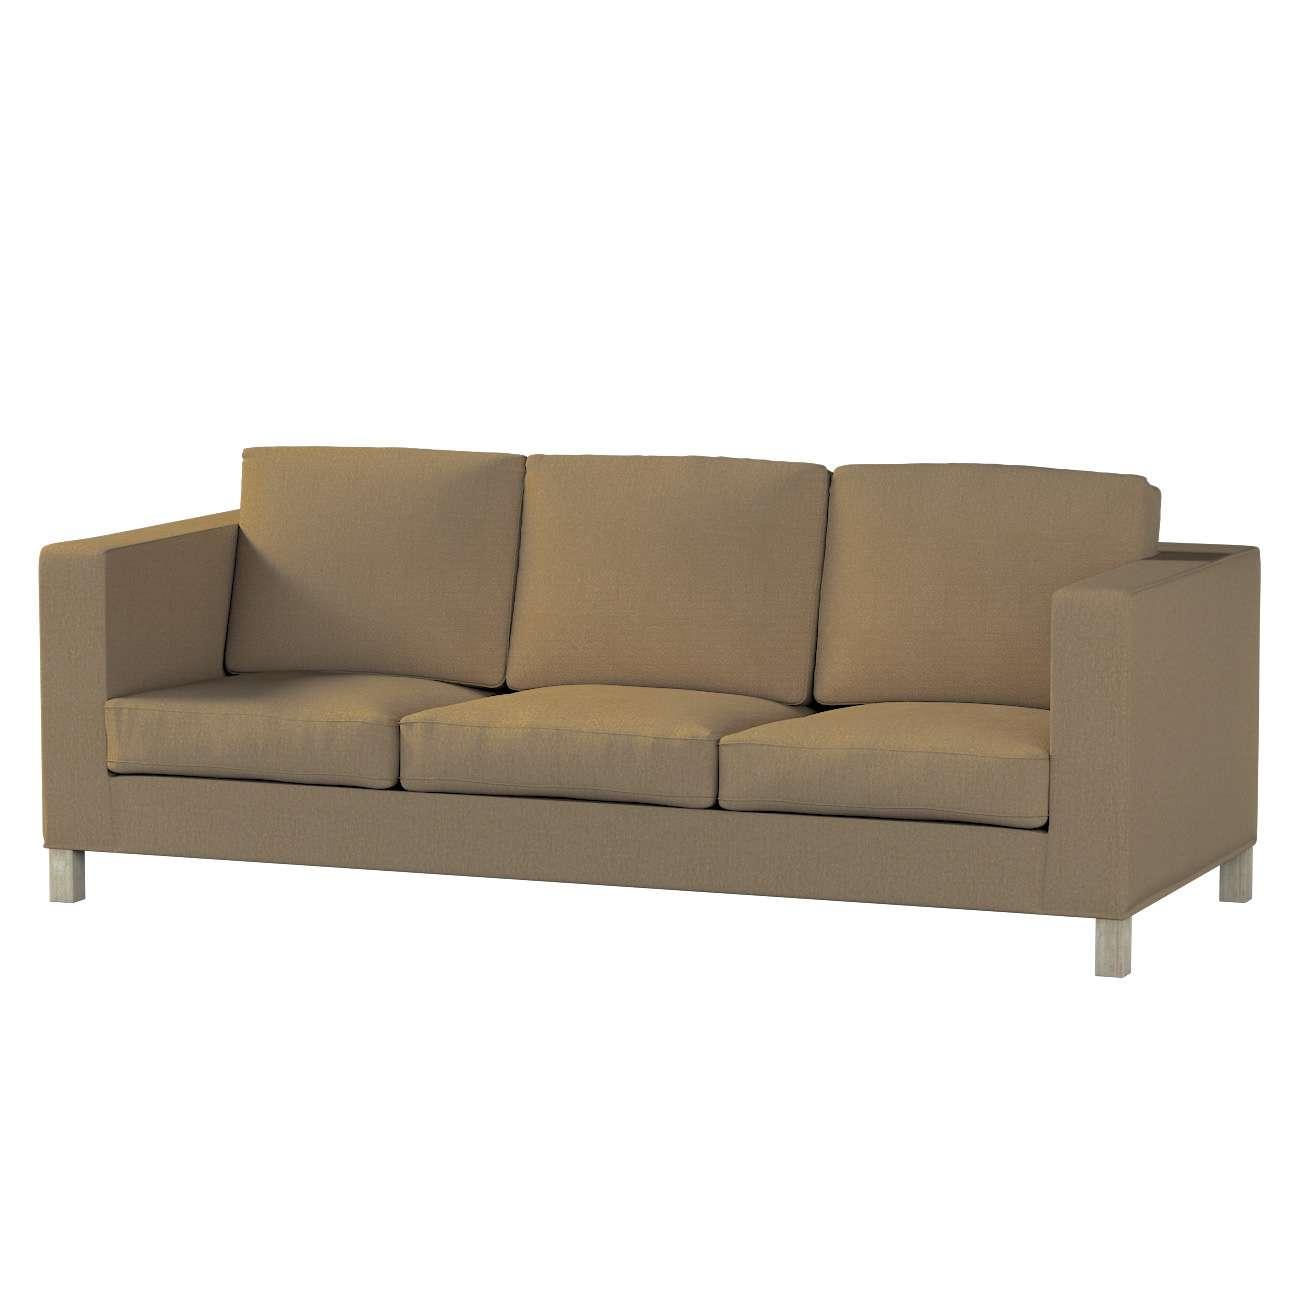 Pokrowiec na sofę Karlanda 3-osobową nierozkładaną, krótki Sofa Karlanda 3-os w kolekcji Chenille, tkanina: 702-21